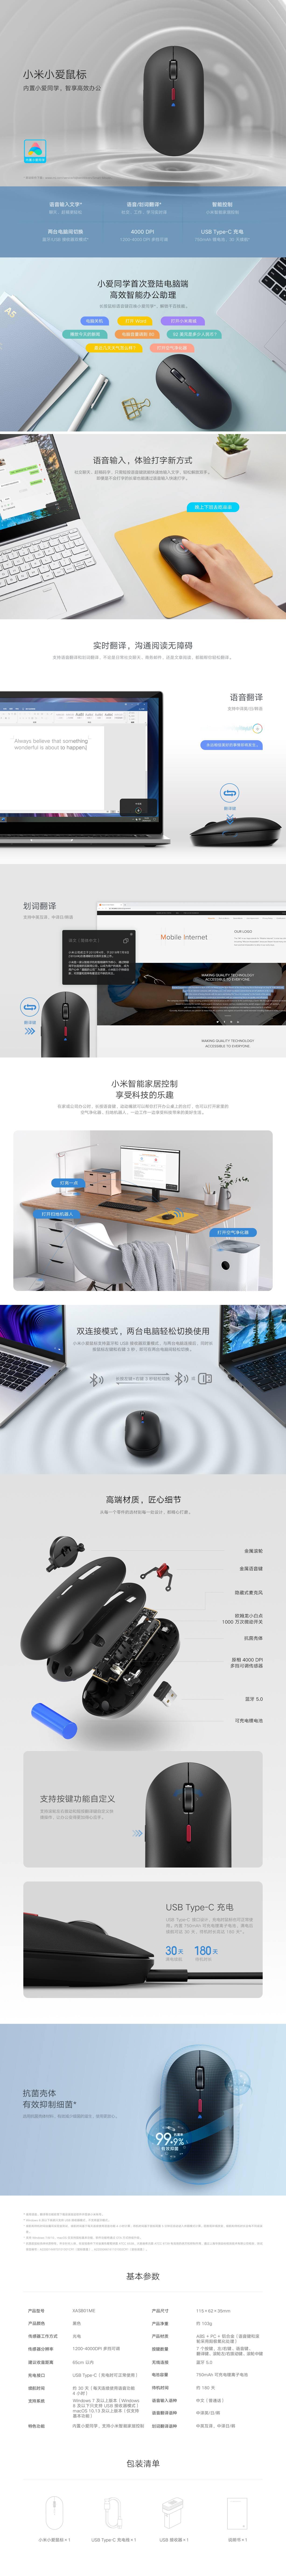 小米小爱鼠标发布:无线双模 129元